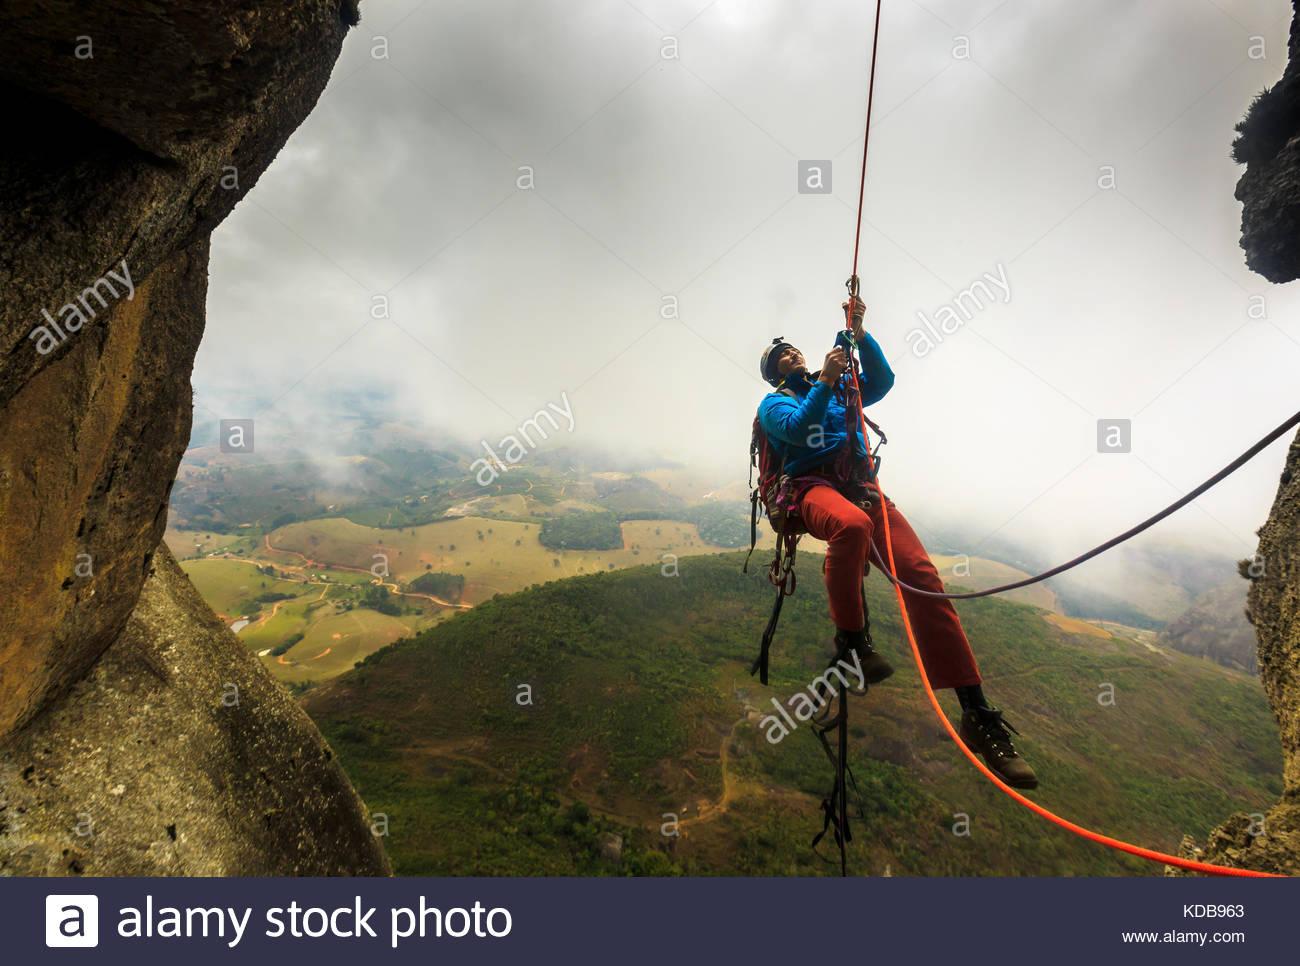 Escalador masculino ascendente en la montaña brasileña. Imagen De Stock